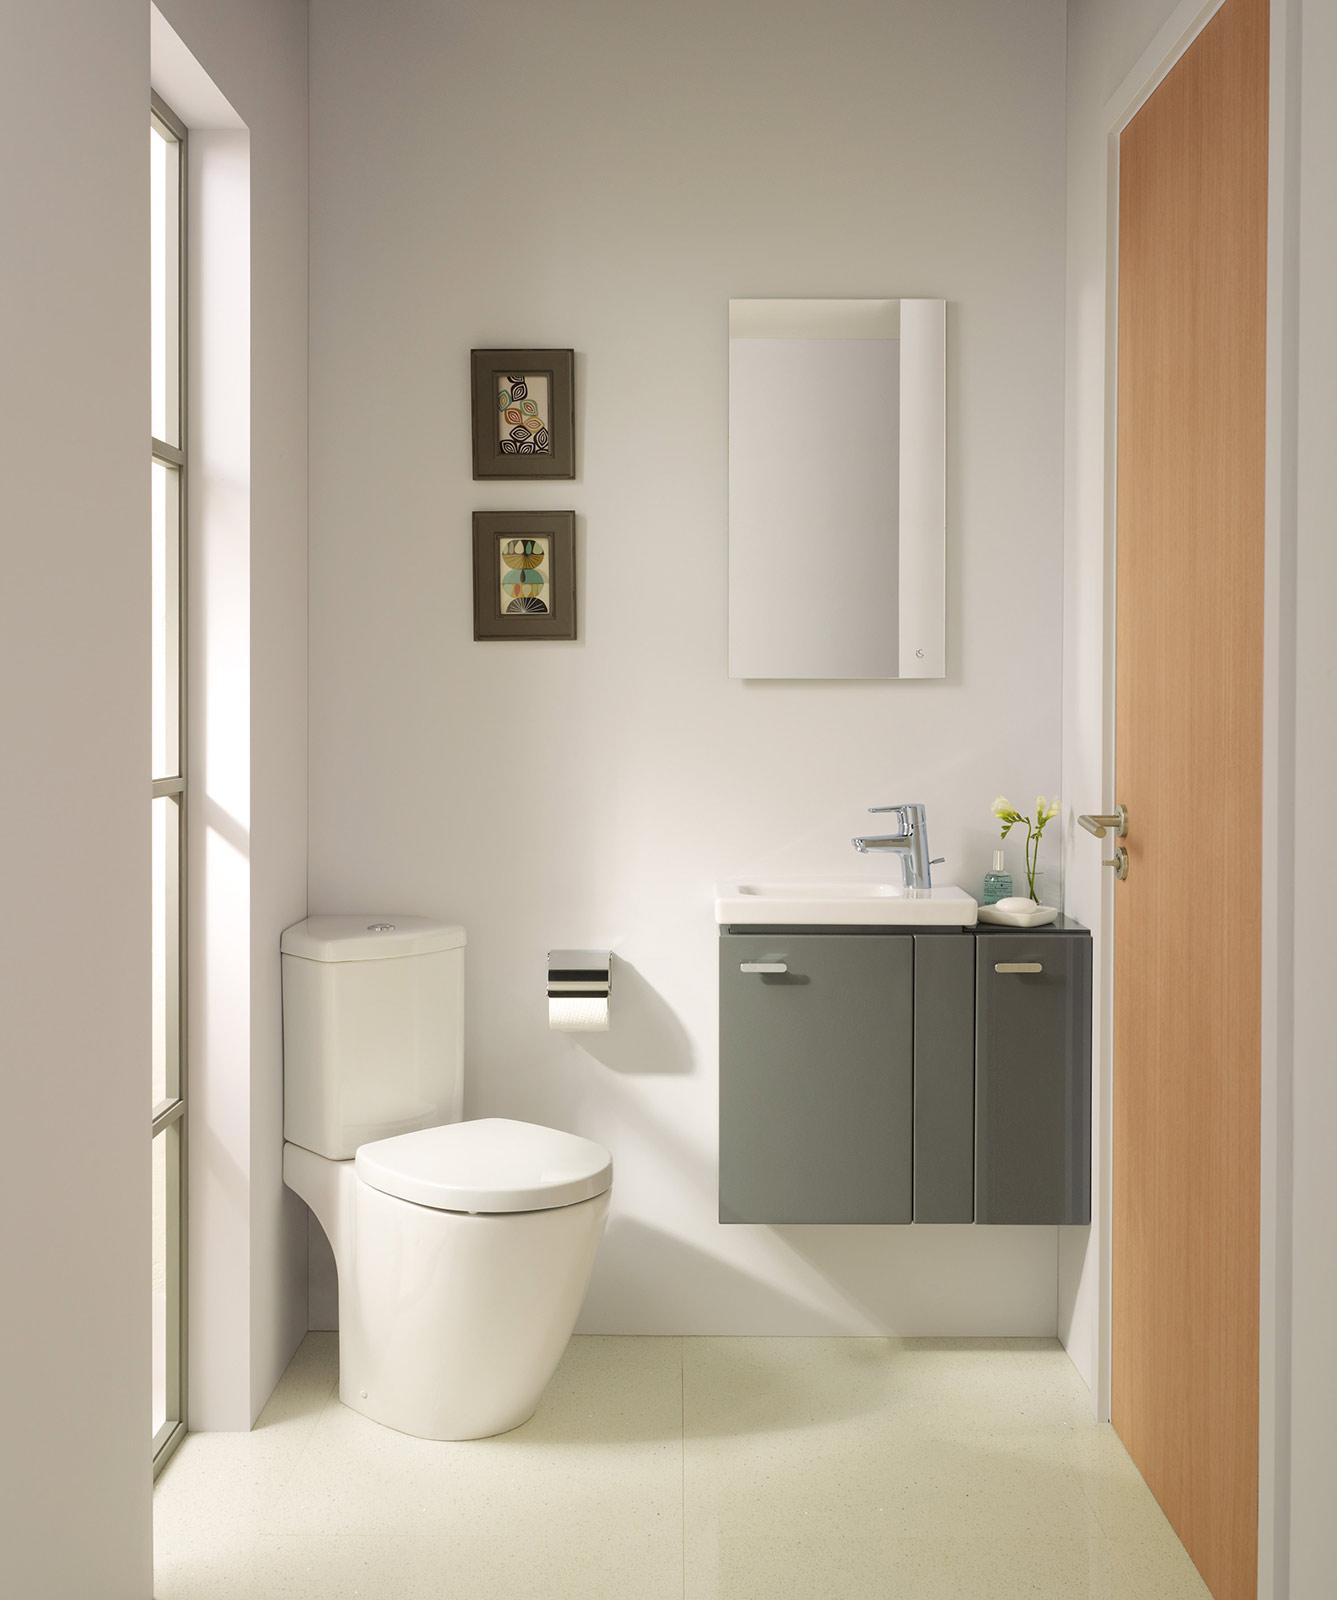 Creare un secondo bagno gli appartamenti nel centro - Creare un bagno ...